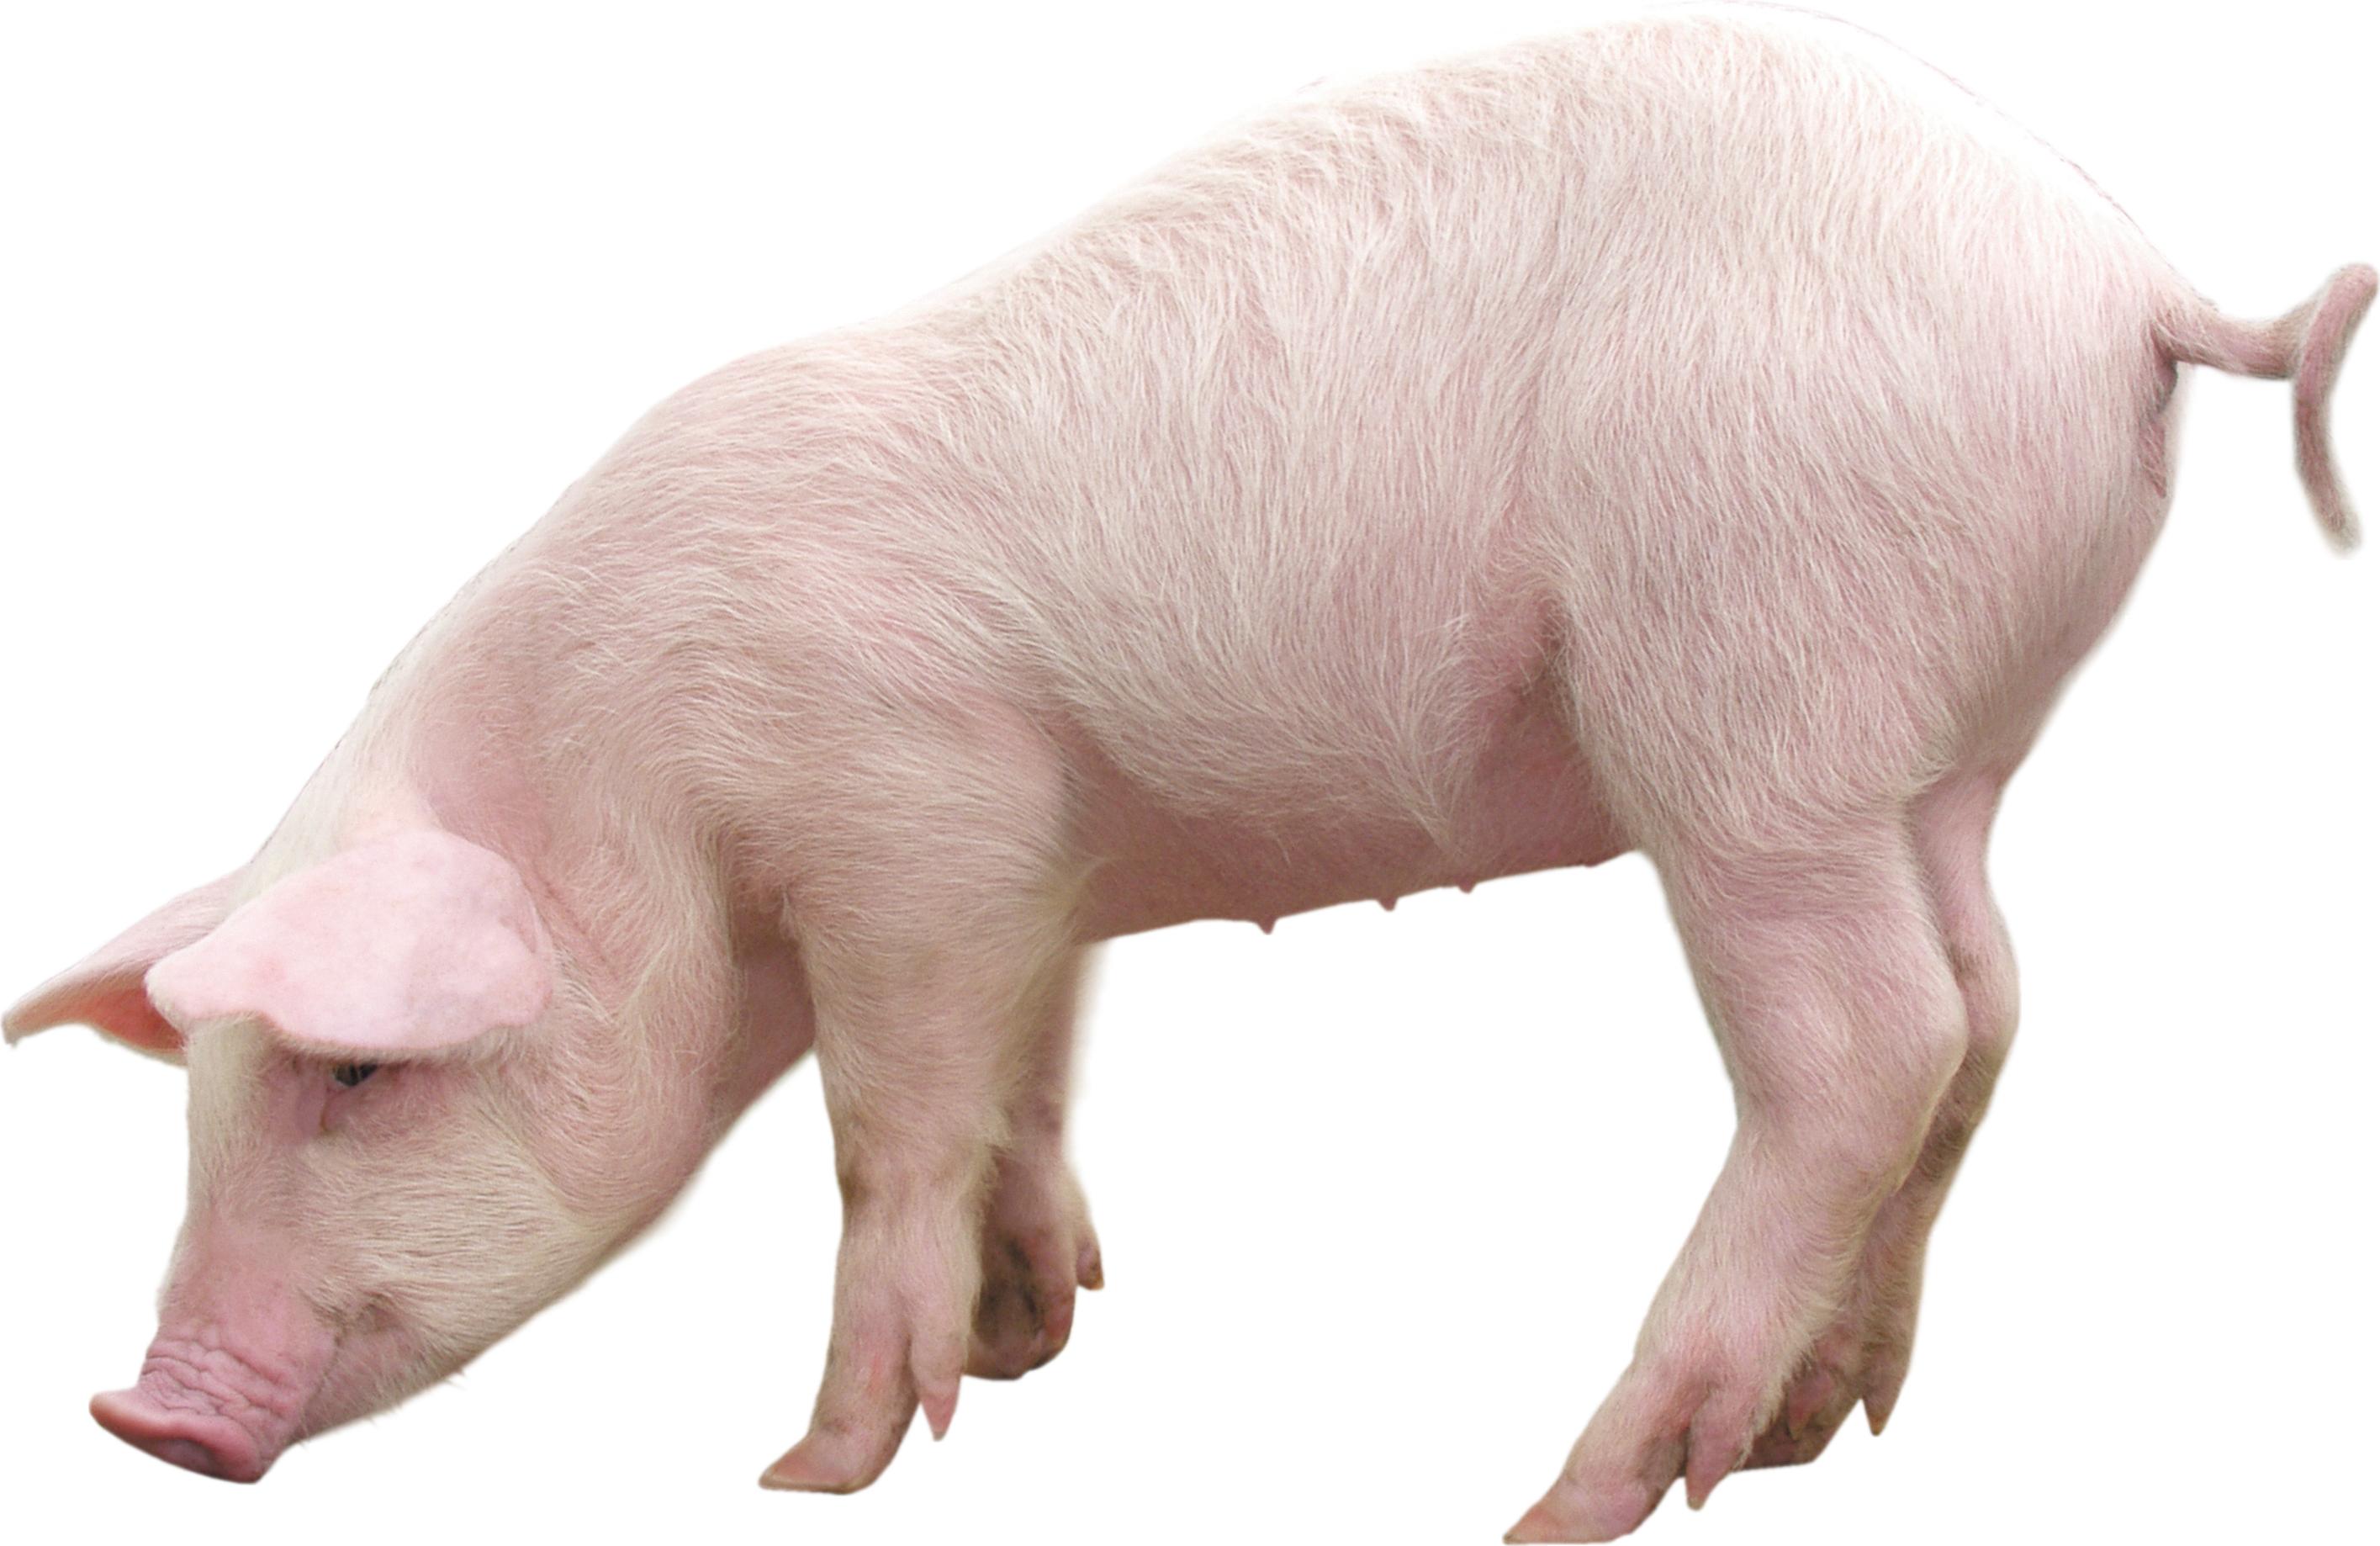 Pig clipart fence. Pictures qygjxz